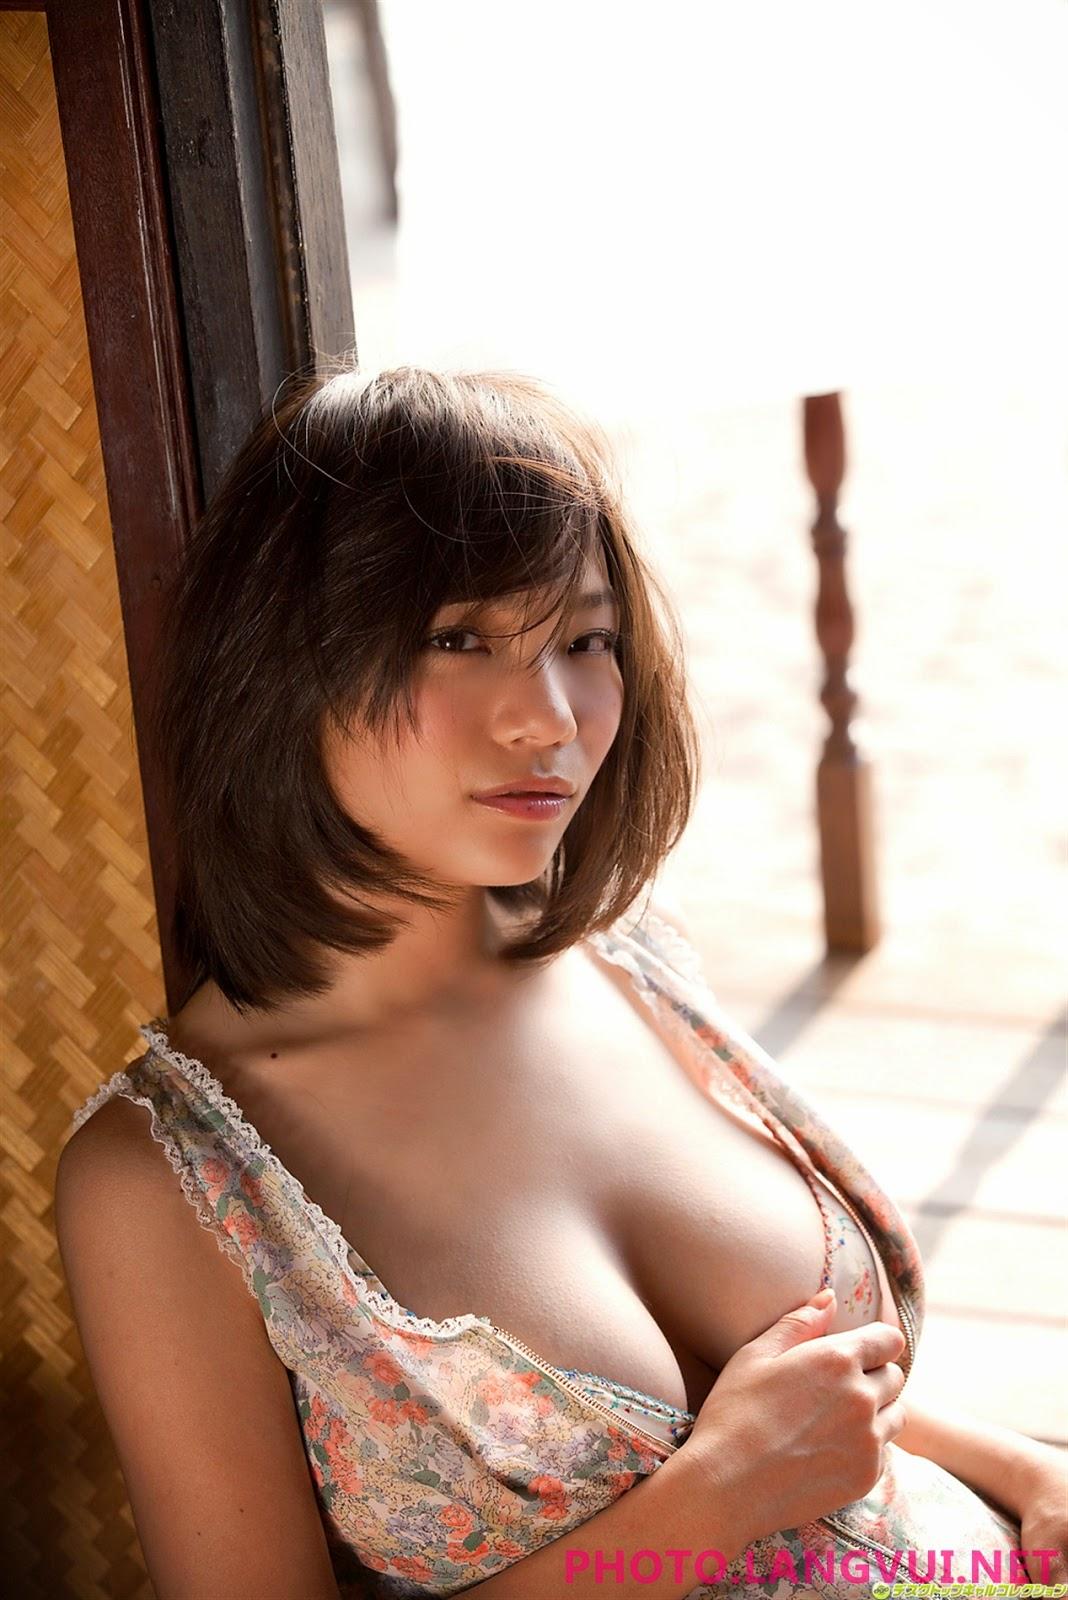 3dpornart sexy image